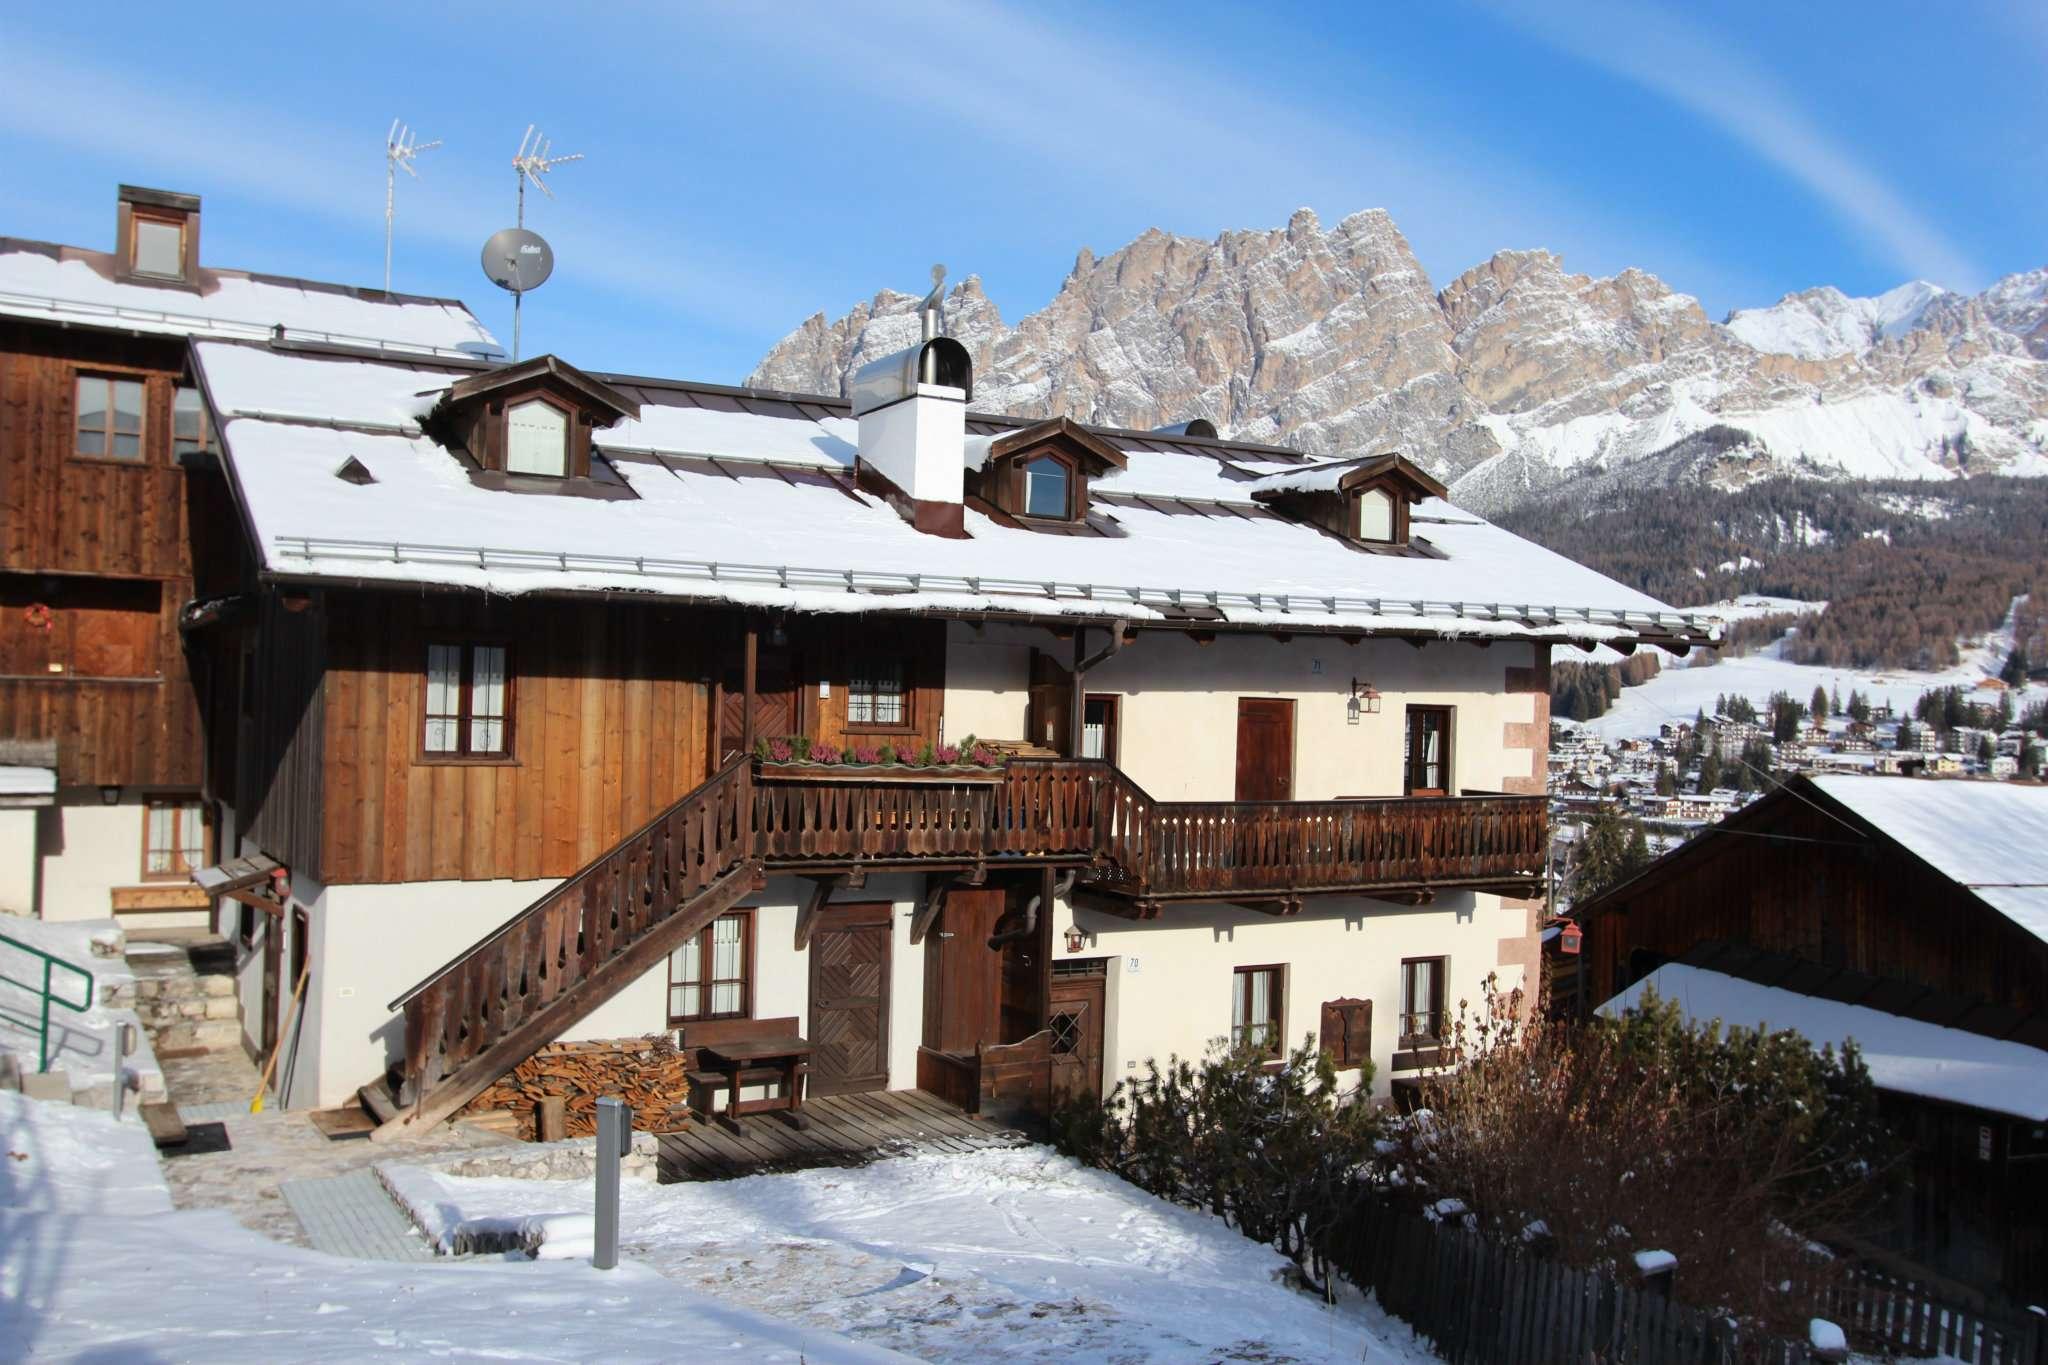 Appartamento bilocale in vendita a Cortina d'Ampezzo (BL)